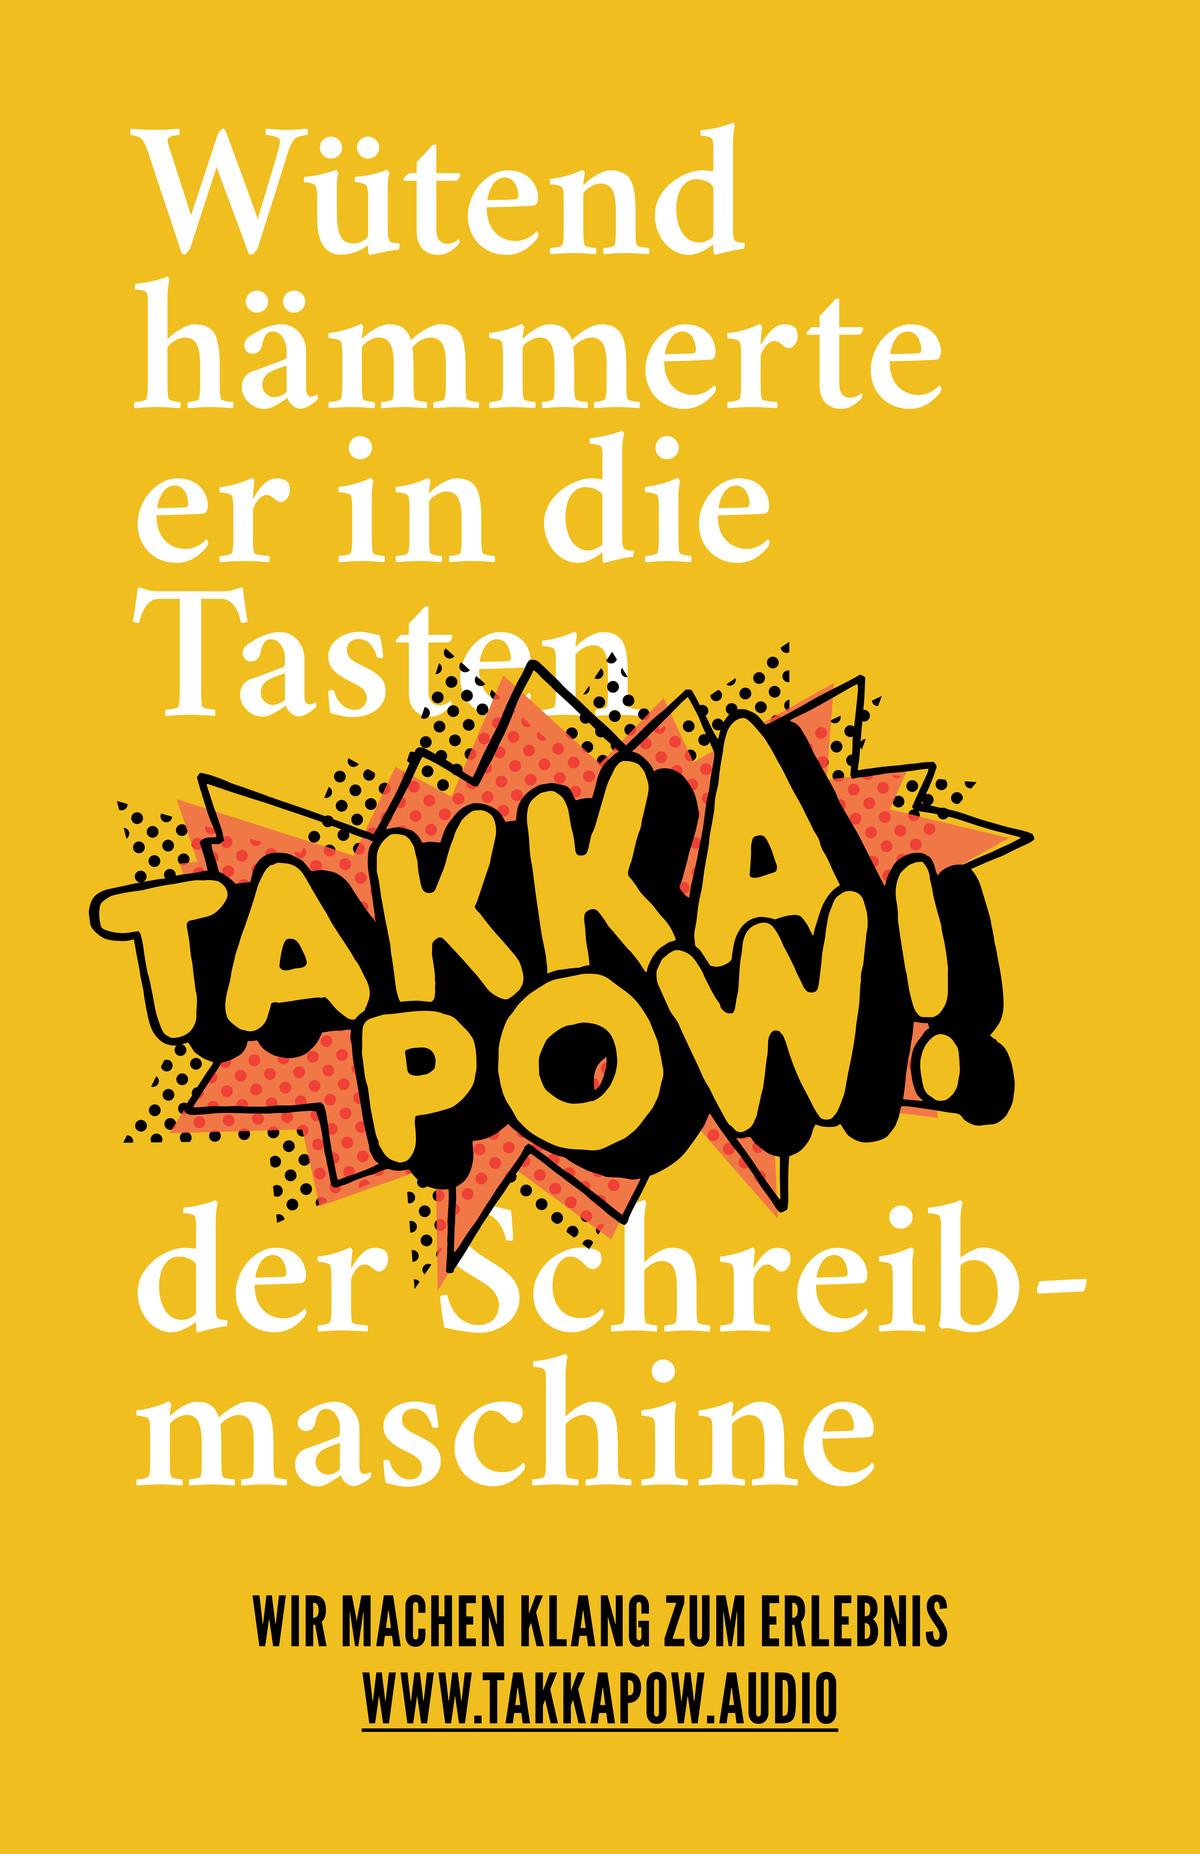 takkapow-text-01.jpg